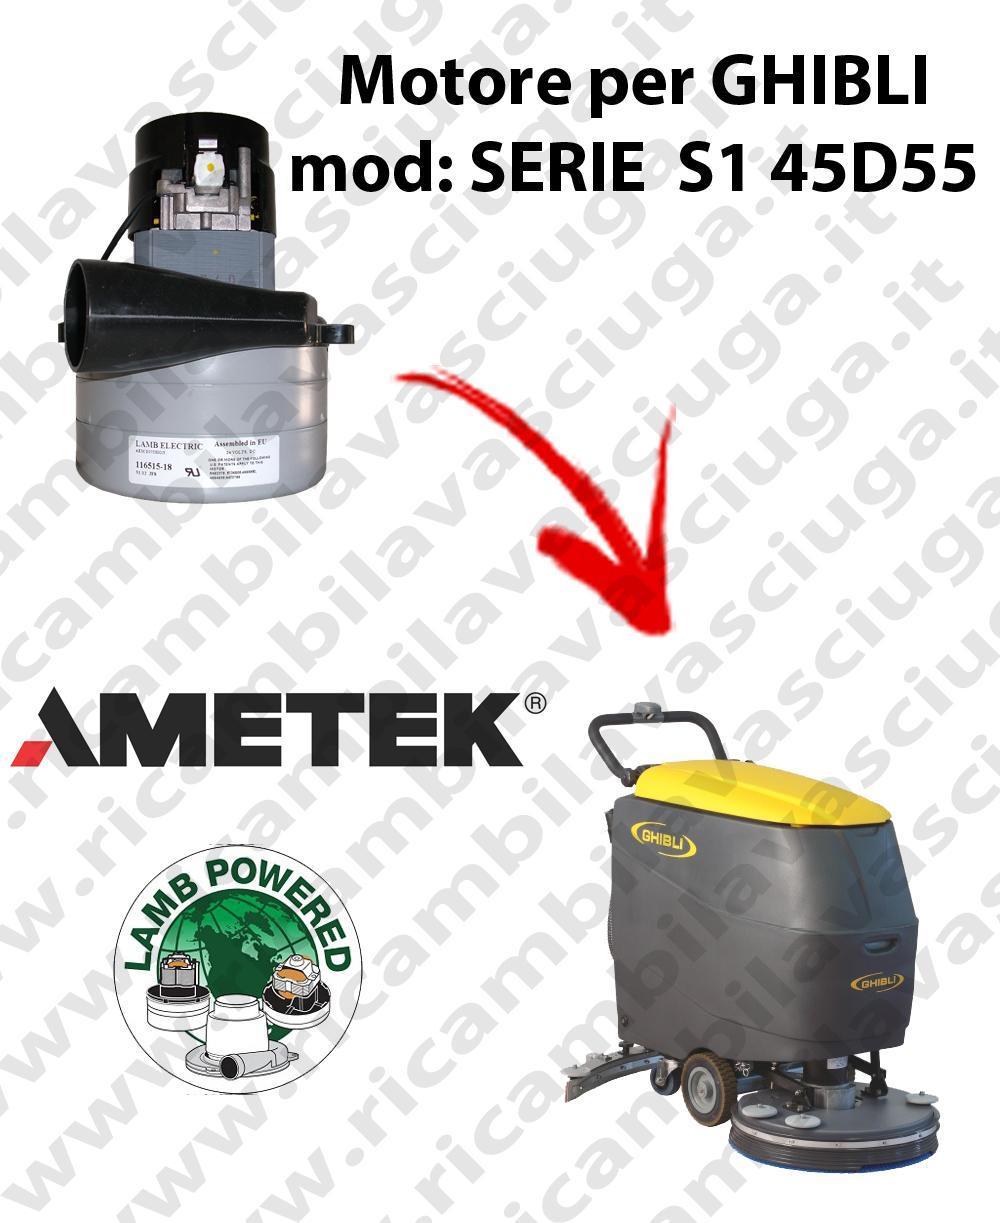 SERIE S1 45D55 MOTEUR ASPIRATION LAMB AMETEK pour autolaveuses GHIBLI